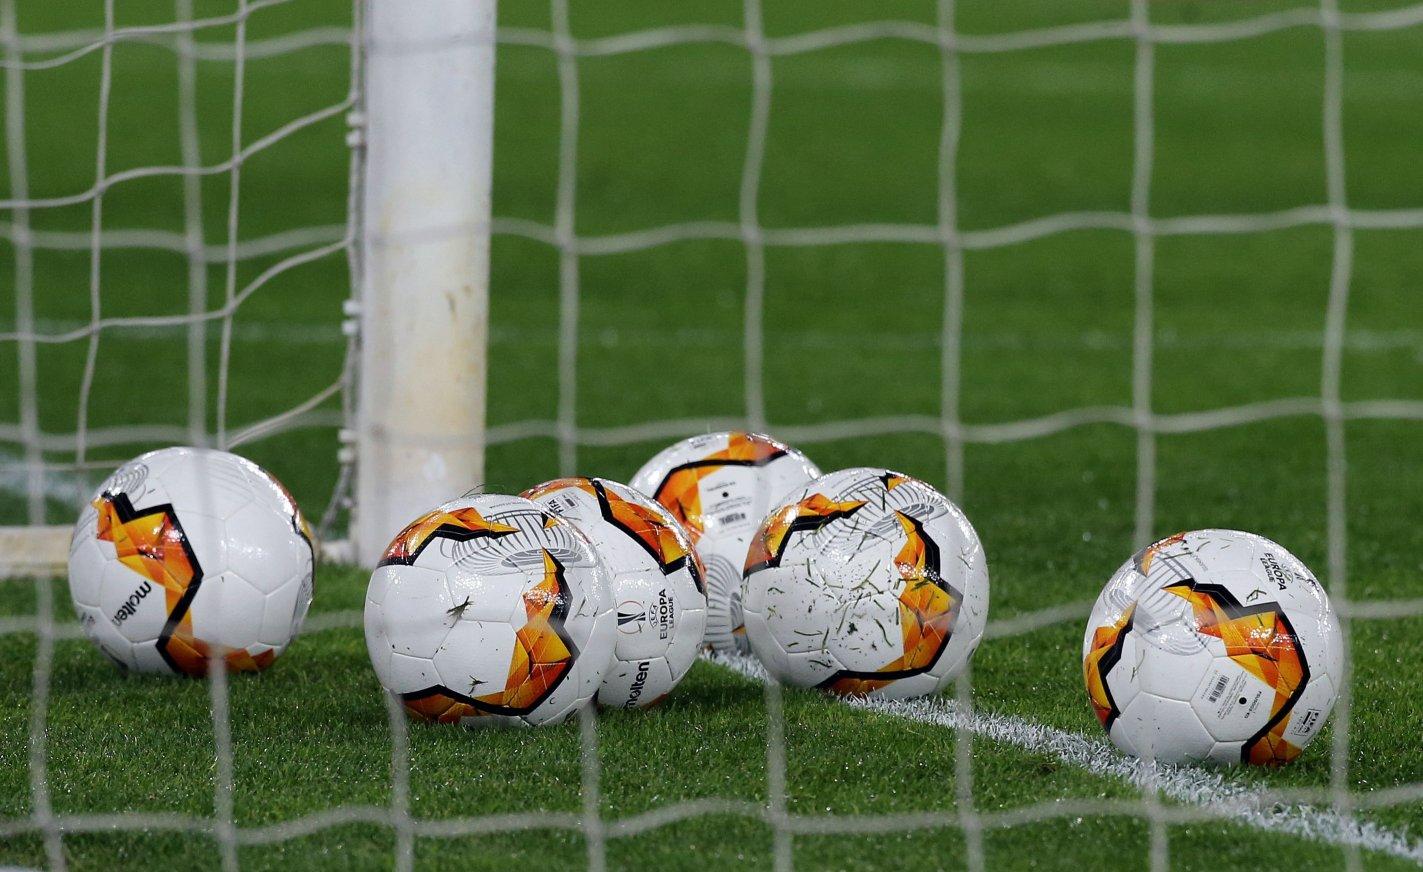 Sorteggio Ottavi Europa League con Inter e Roma | Diretta Sky, Eurosport, DAZN